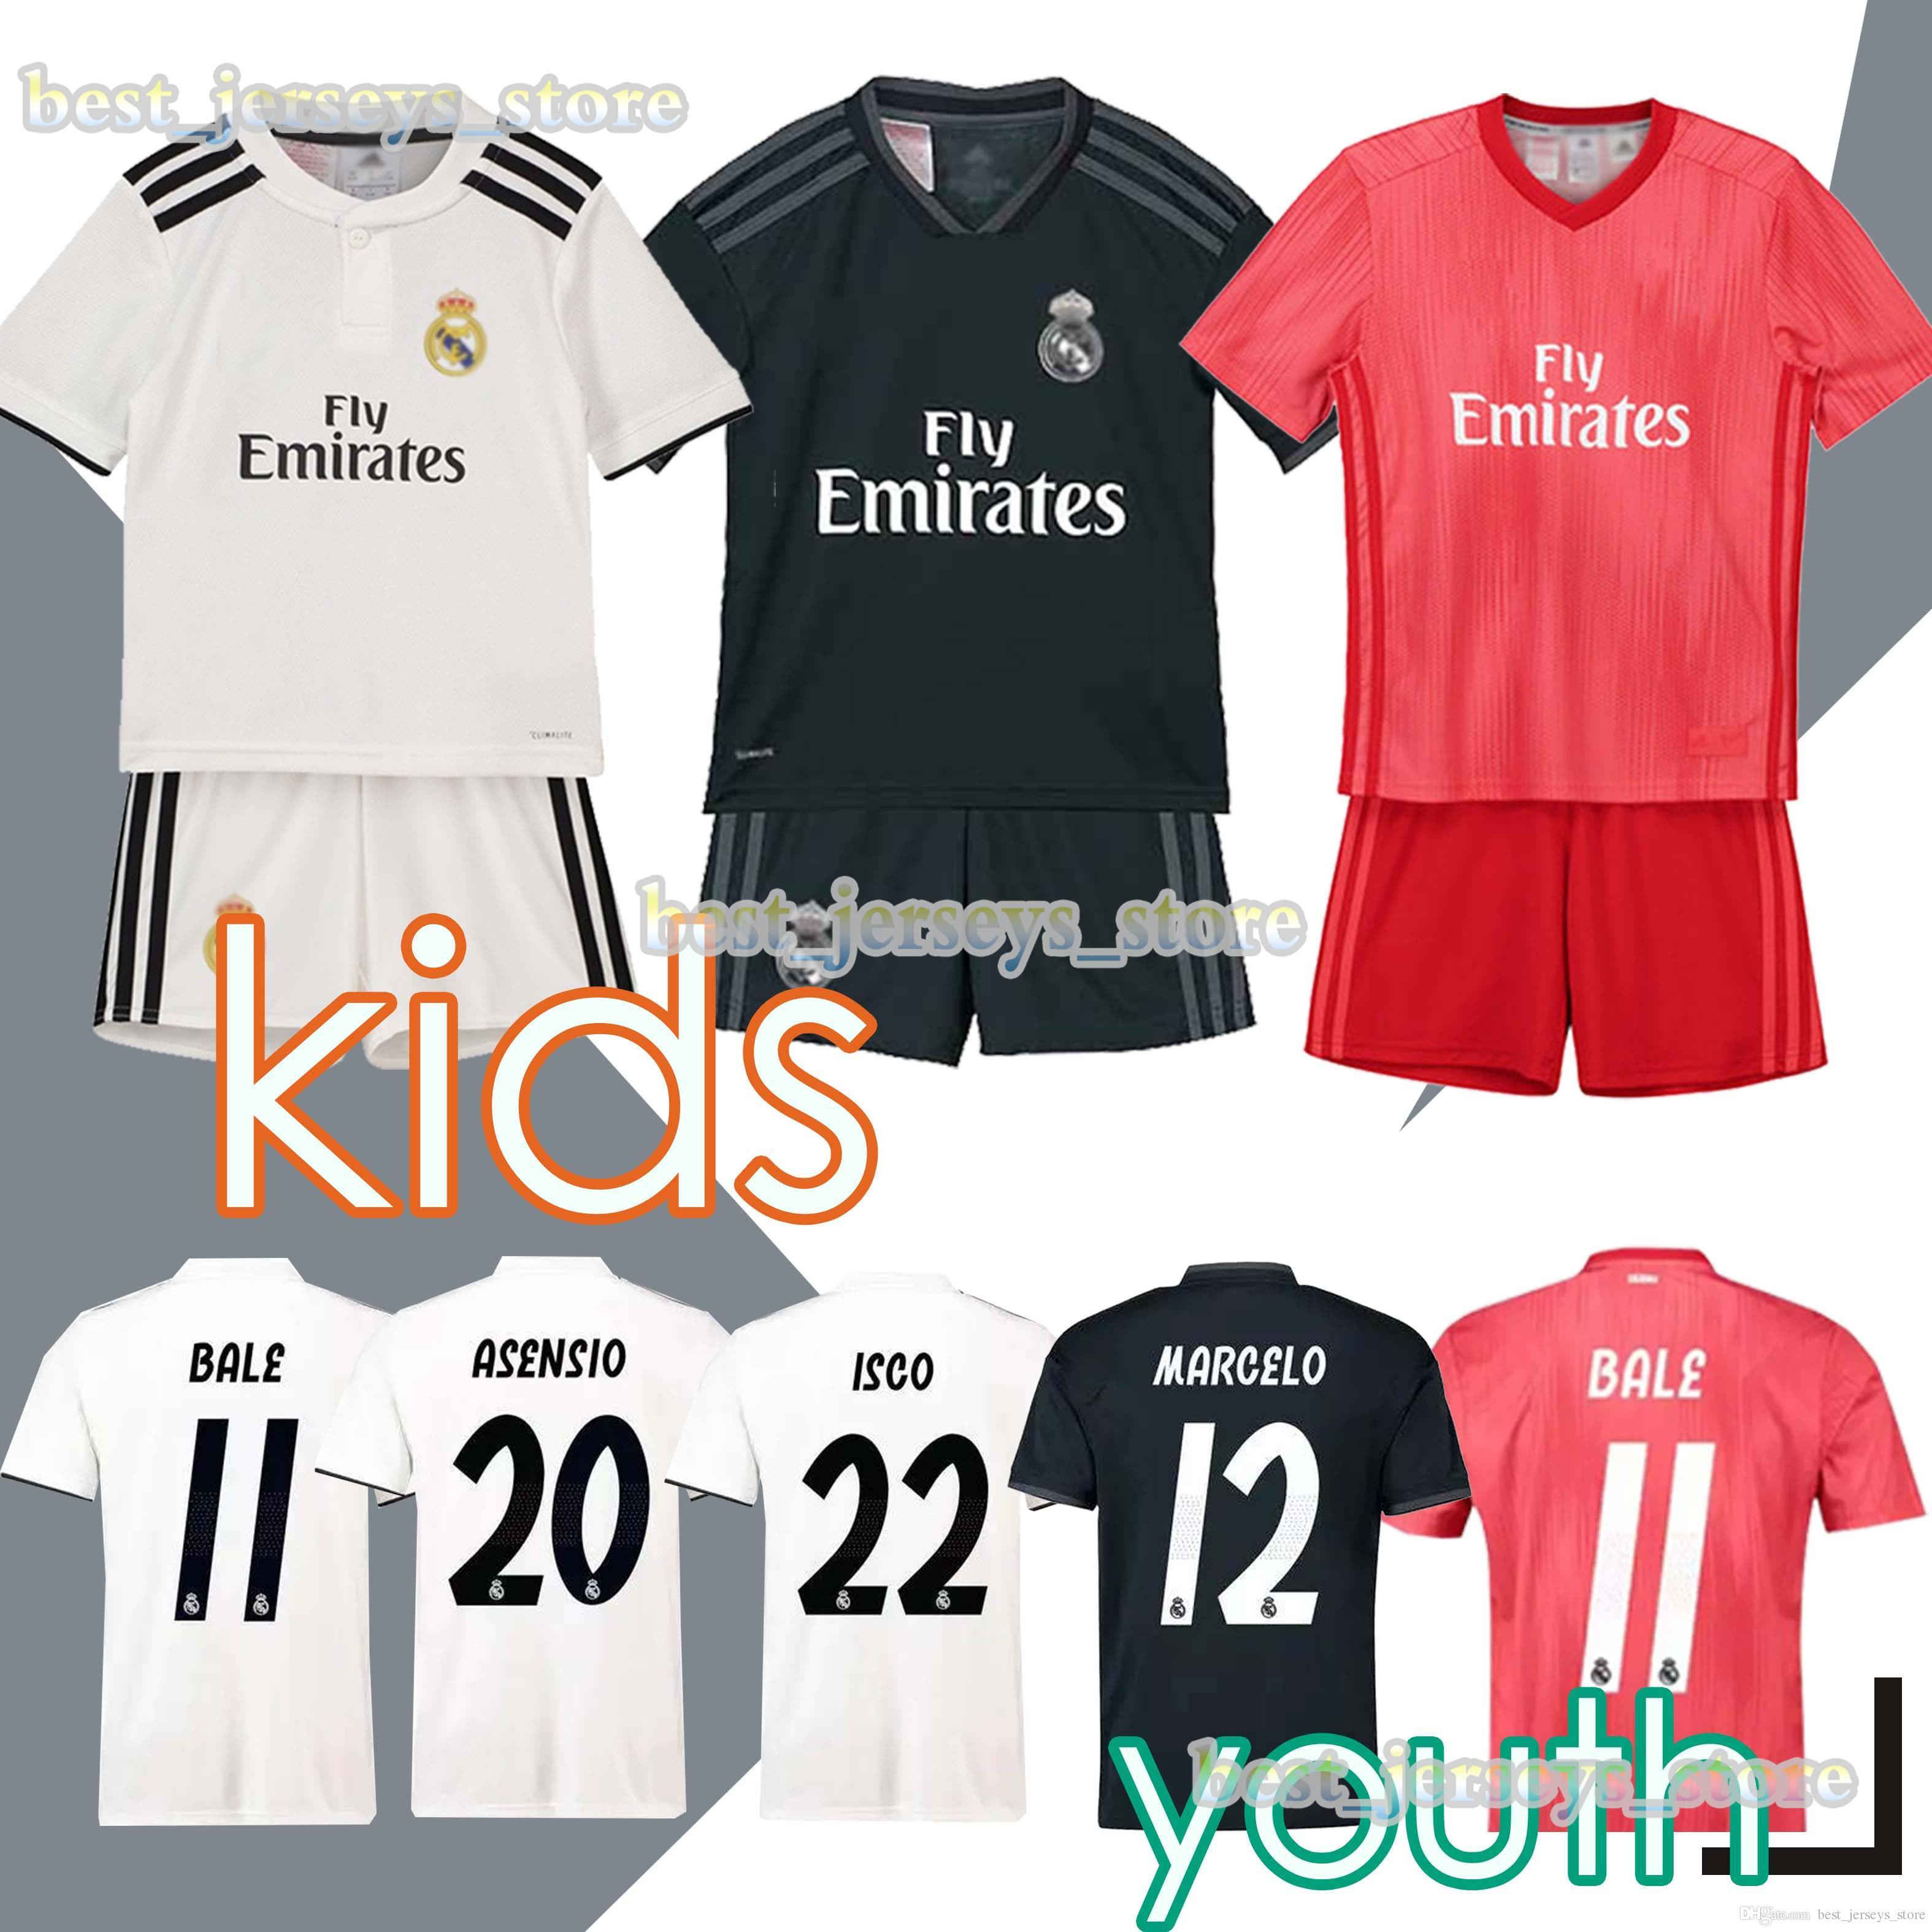 51065990ea32c Equipación Infantil 2019 Real Madrid Football Jersey 2018 19 Camisetas De  Fútbol De Local Blanca Para Niños Pequeños ISCO ASENSIO BALE KROOS Camisetas  De ...